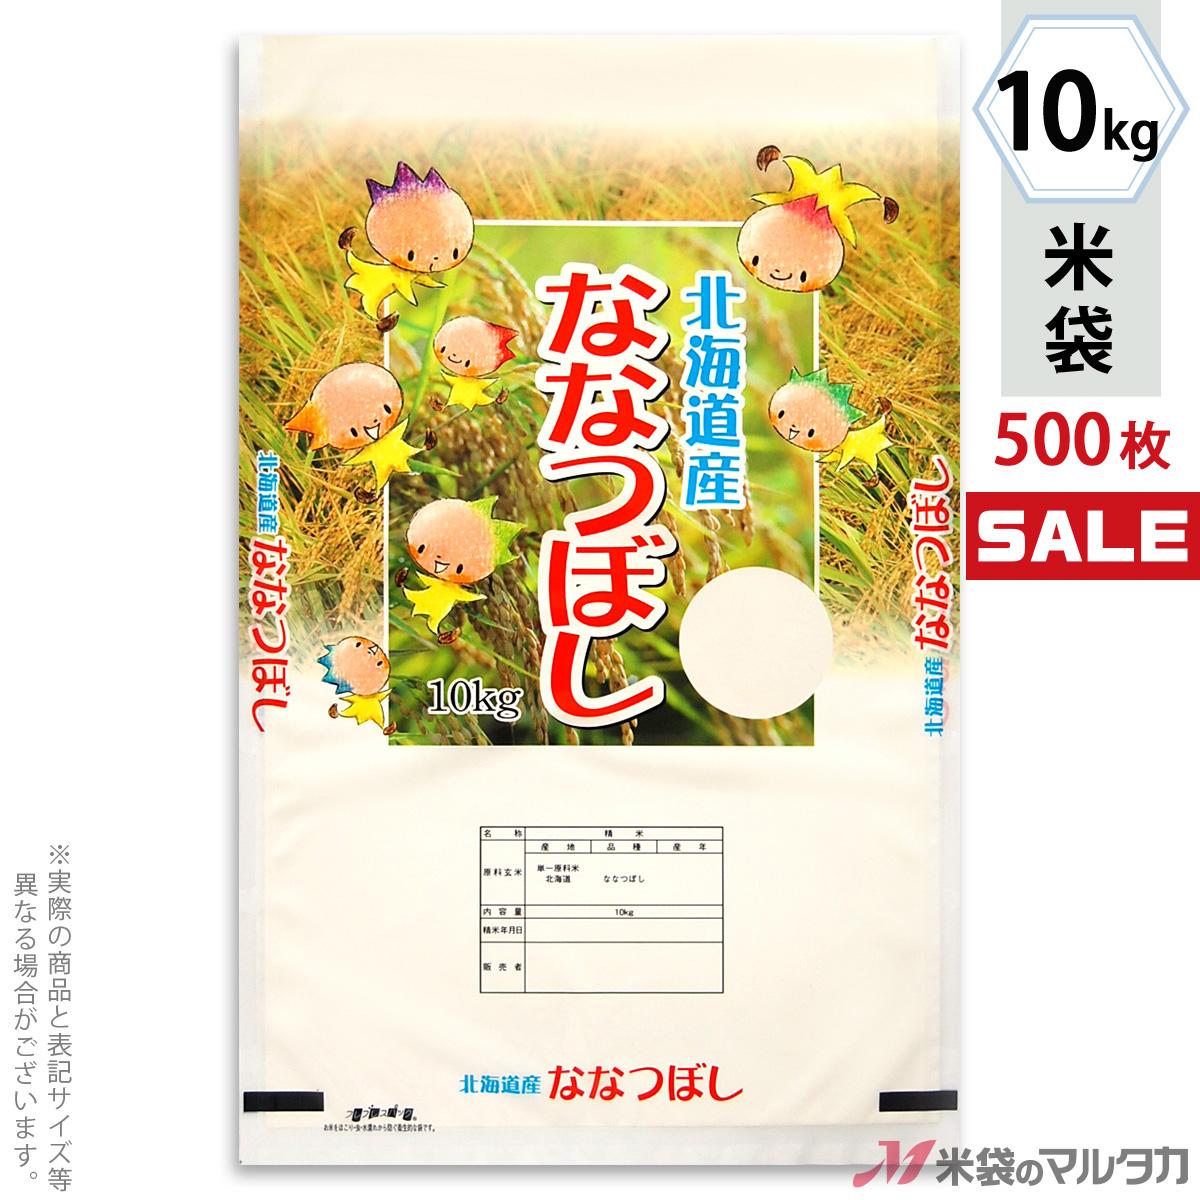 <キャンペーン対応>米袋 ラミ フレブレス 北海道産ななつぼし 妖精たち 10kg 1ケース(500枚入) MN-7810